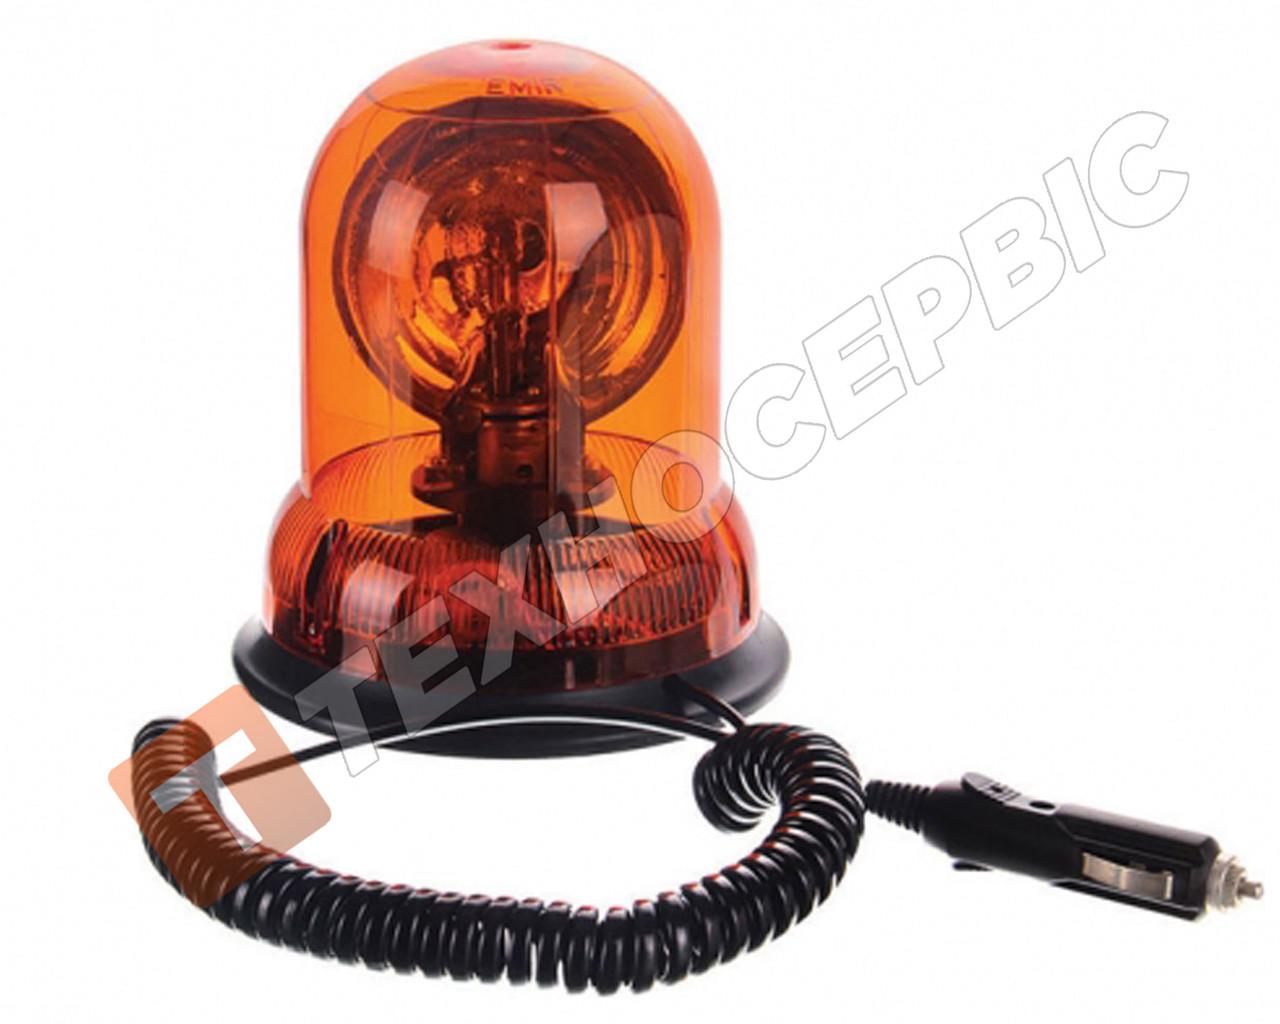 Маячок проблесковый оранжевый 12 вольт (мигалка) магнитное крепление Турция